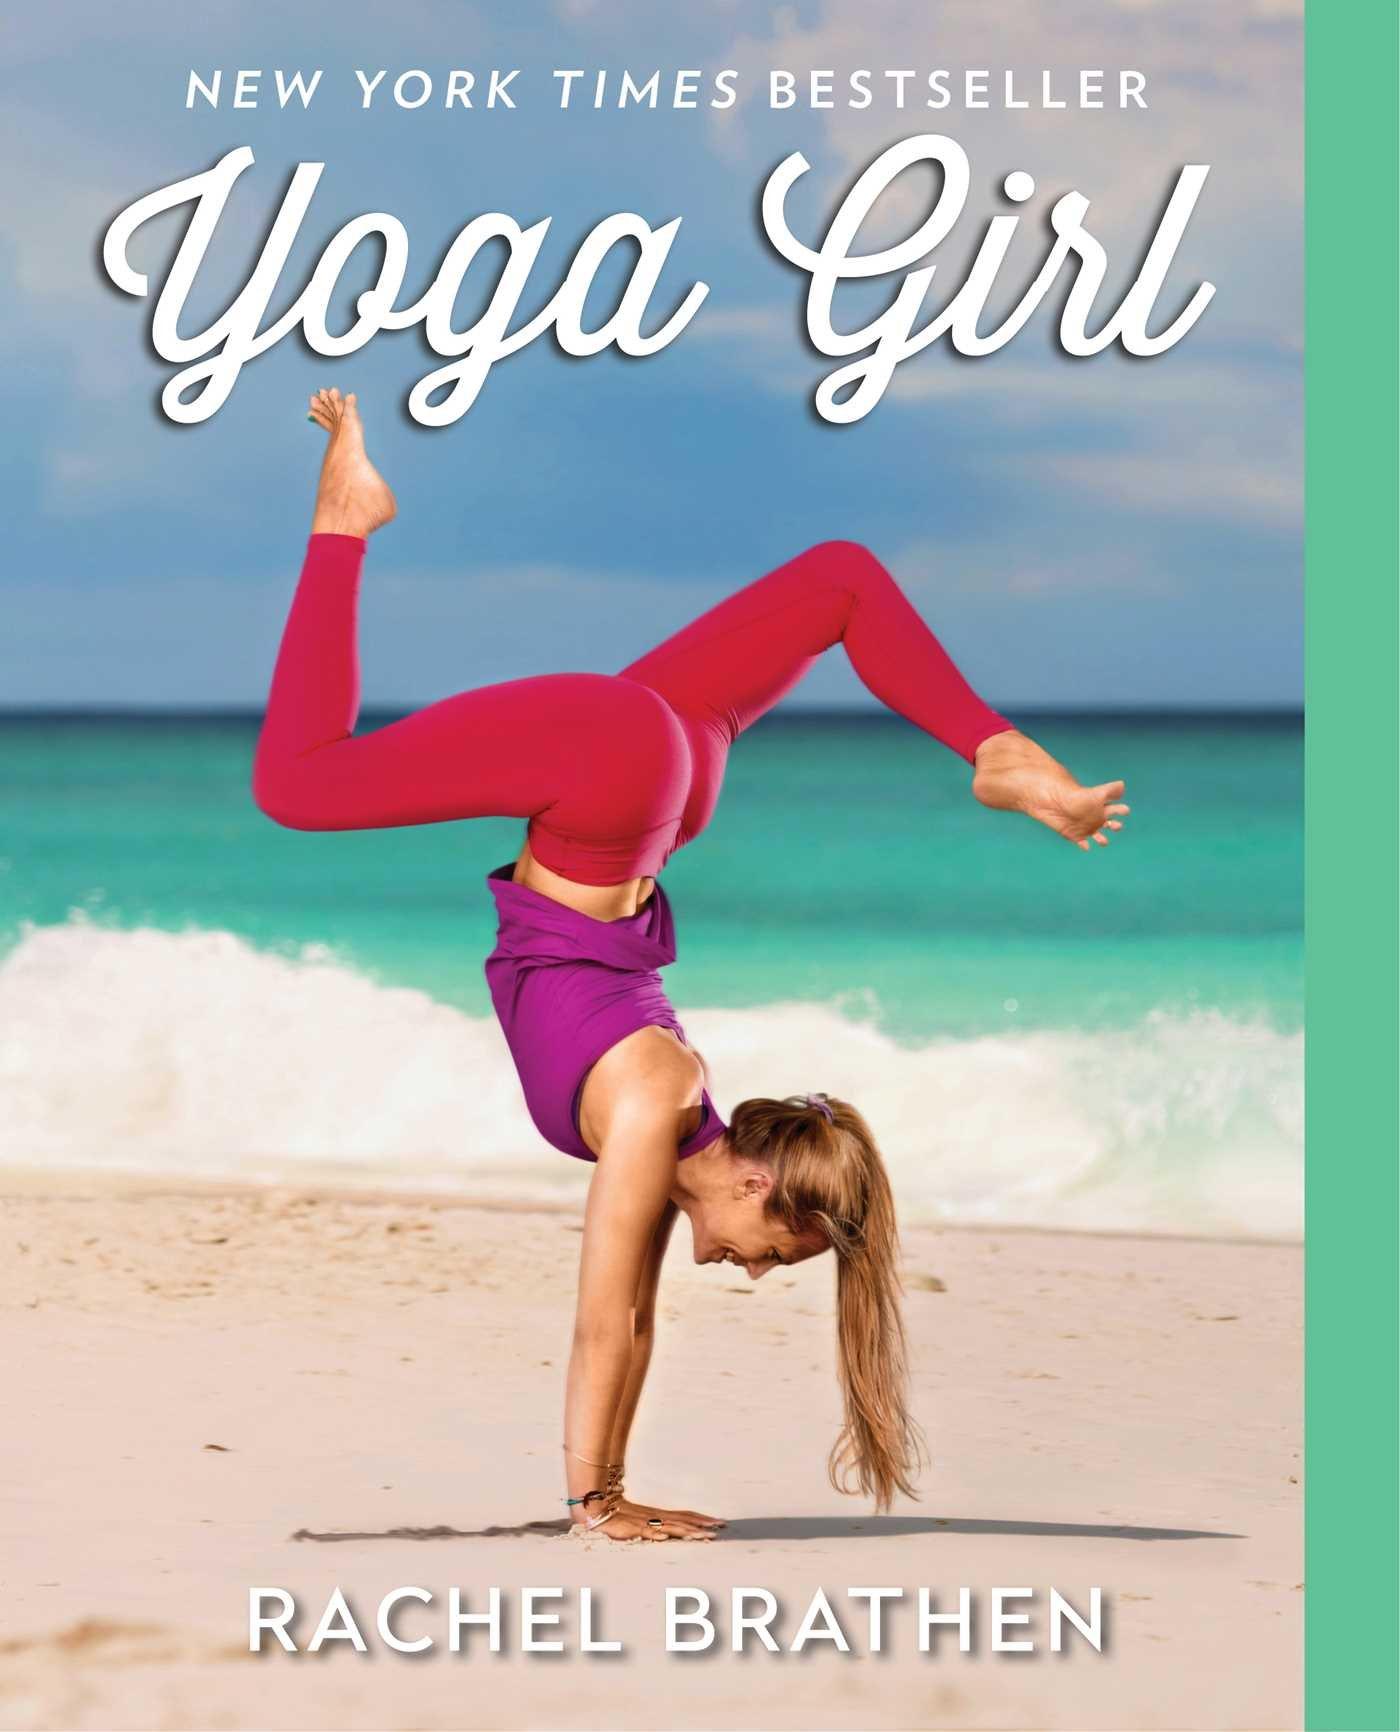 Yoga Girl by Rachel Brathen - Chic Vegan